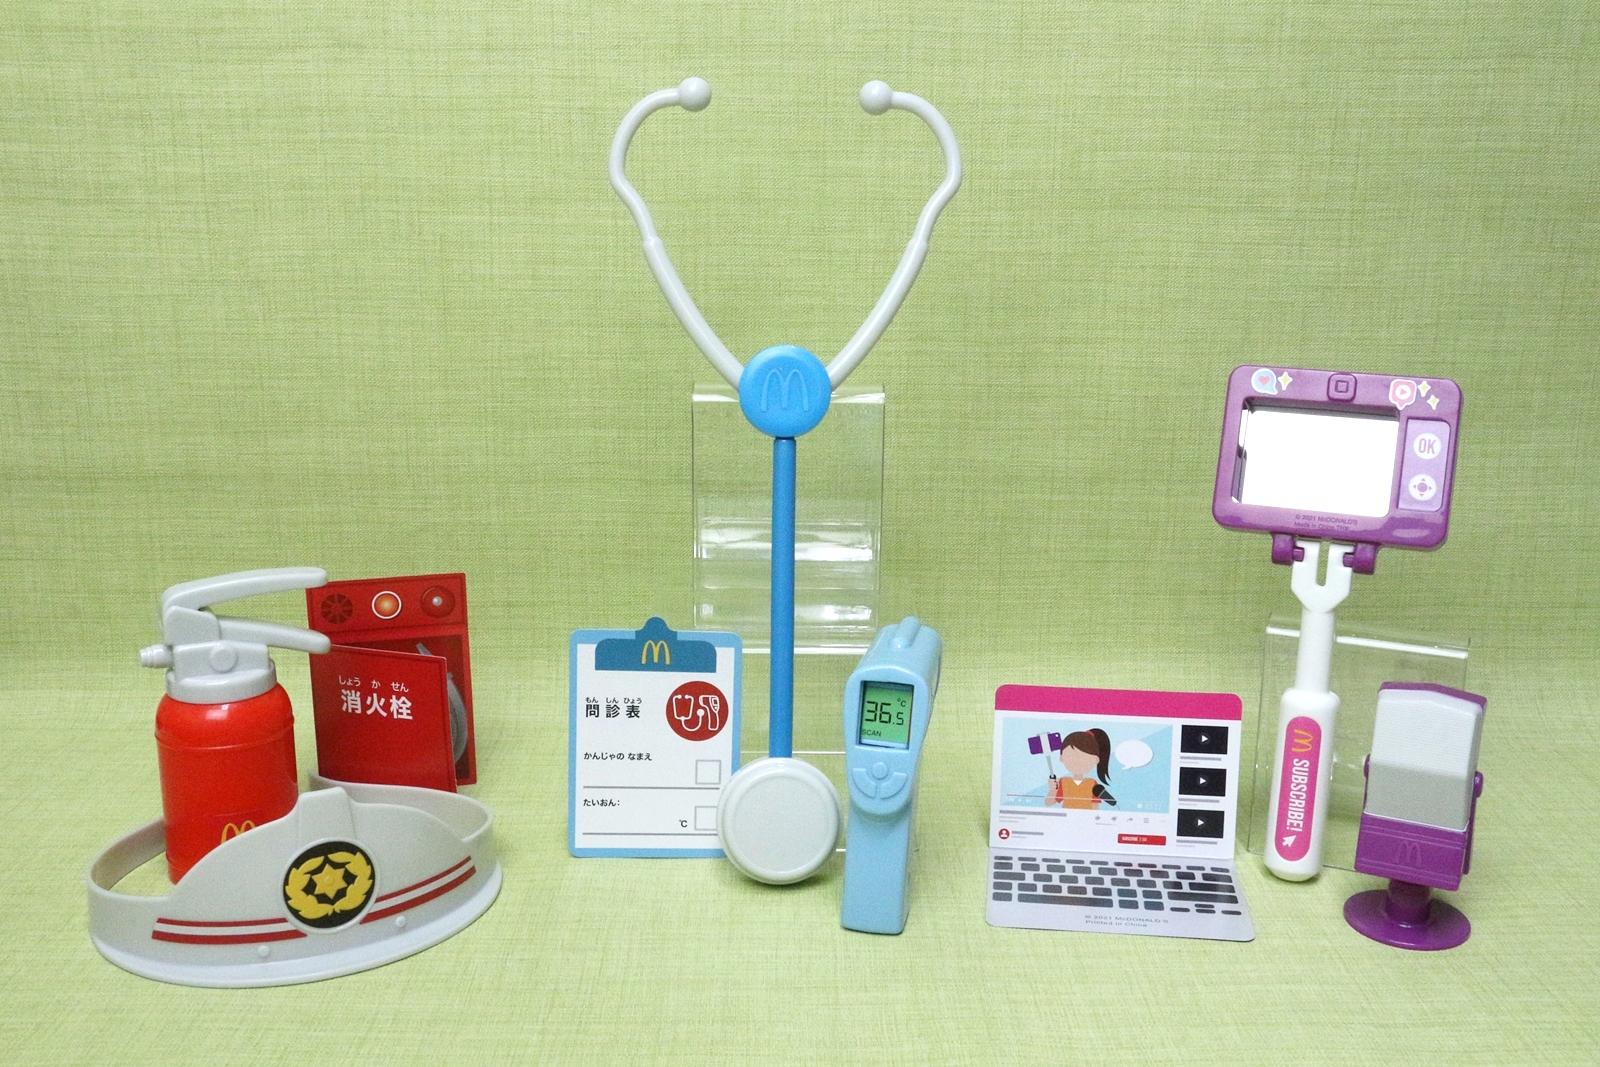 第2弾のおもちゃ。左から「消防士」、「お医者さん」、「動画クリエイター」